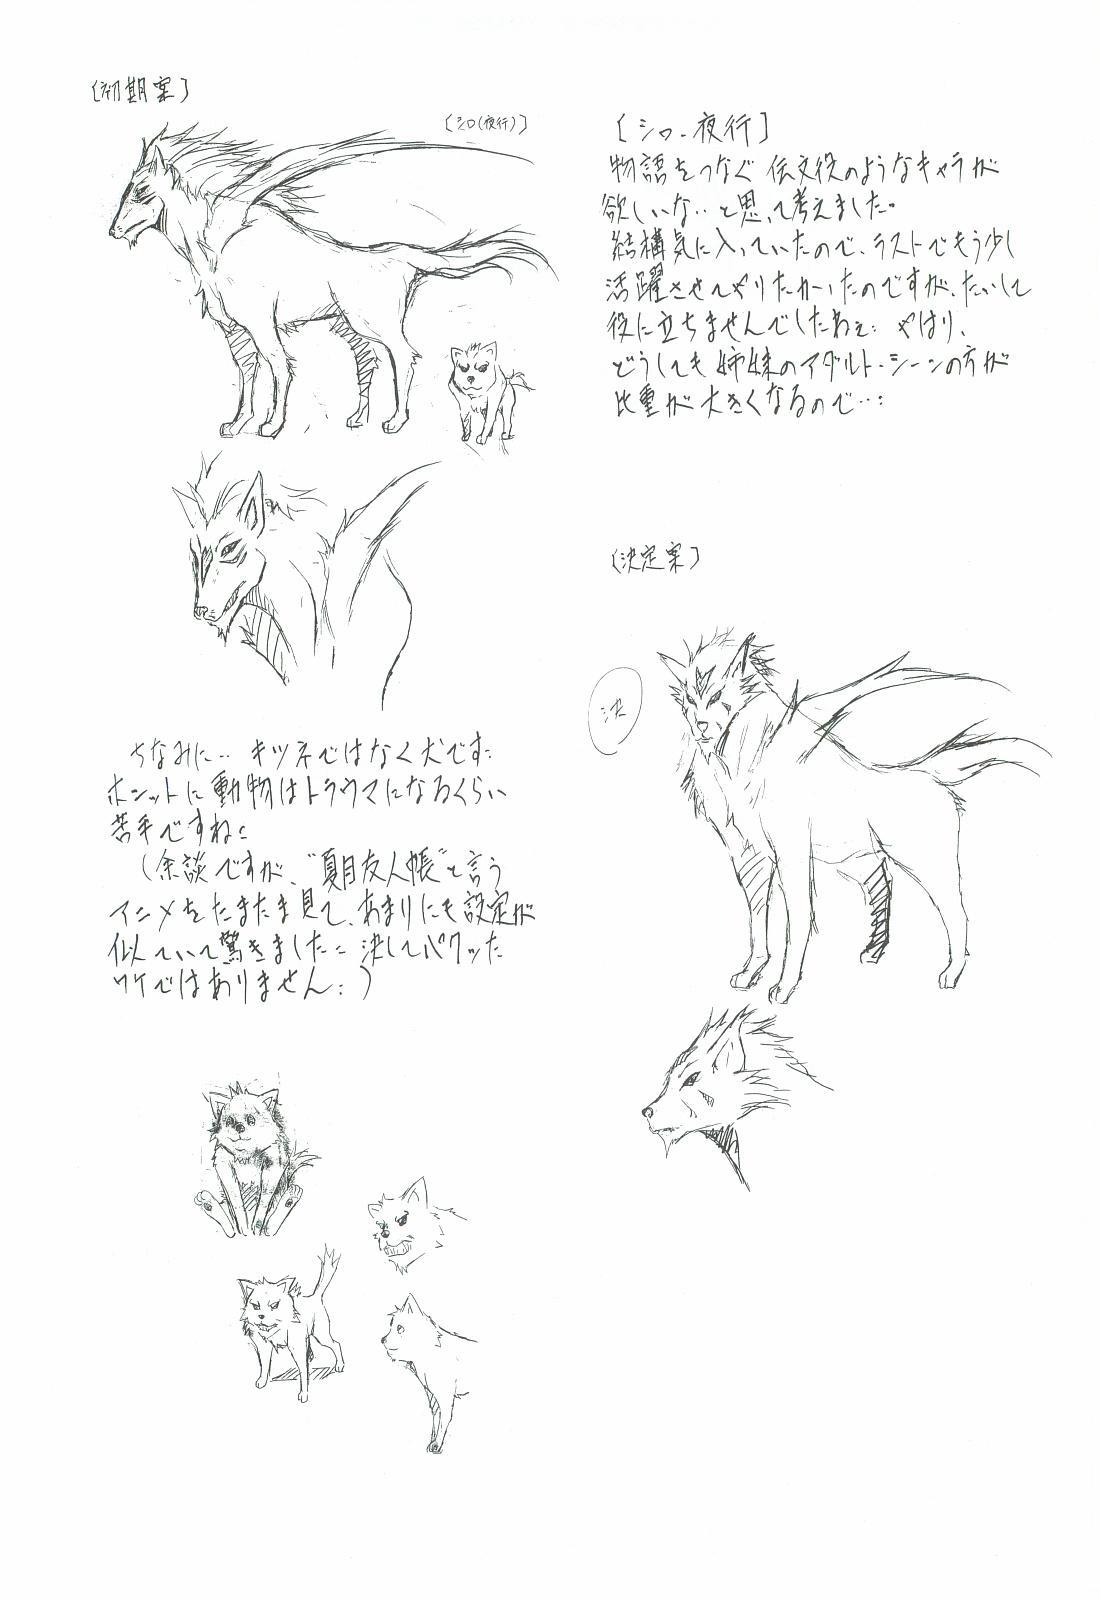 Ai & Mai Gaiden - Kishin Fukkatsu no Shou 152